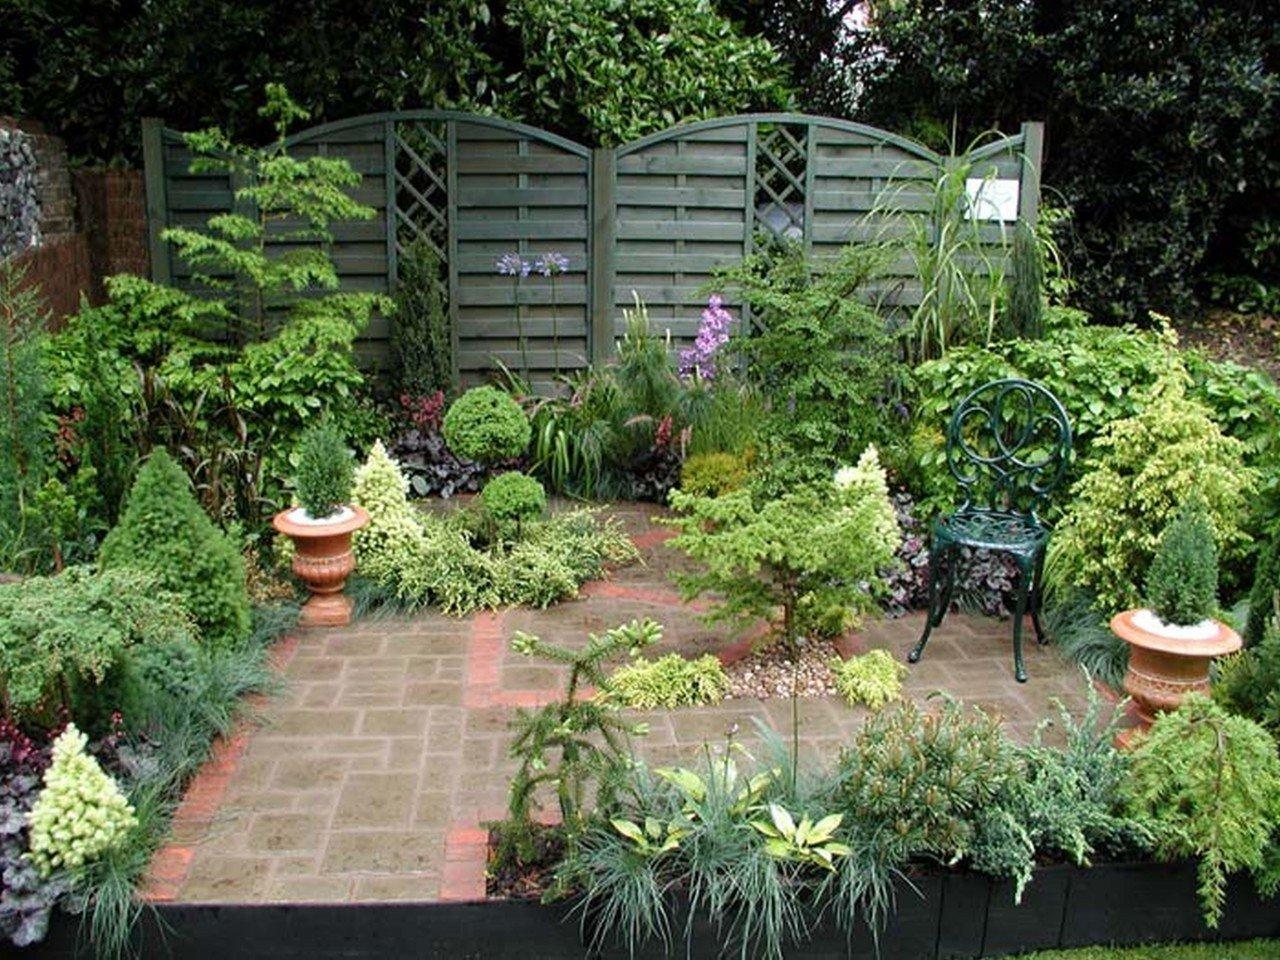 Gartendekoration verleiht das gewisse Etwas